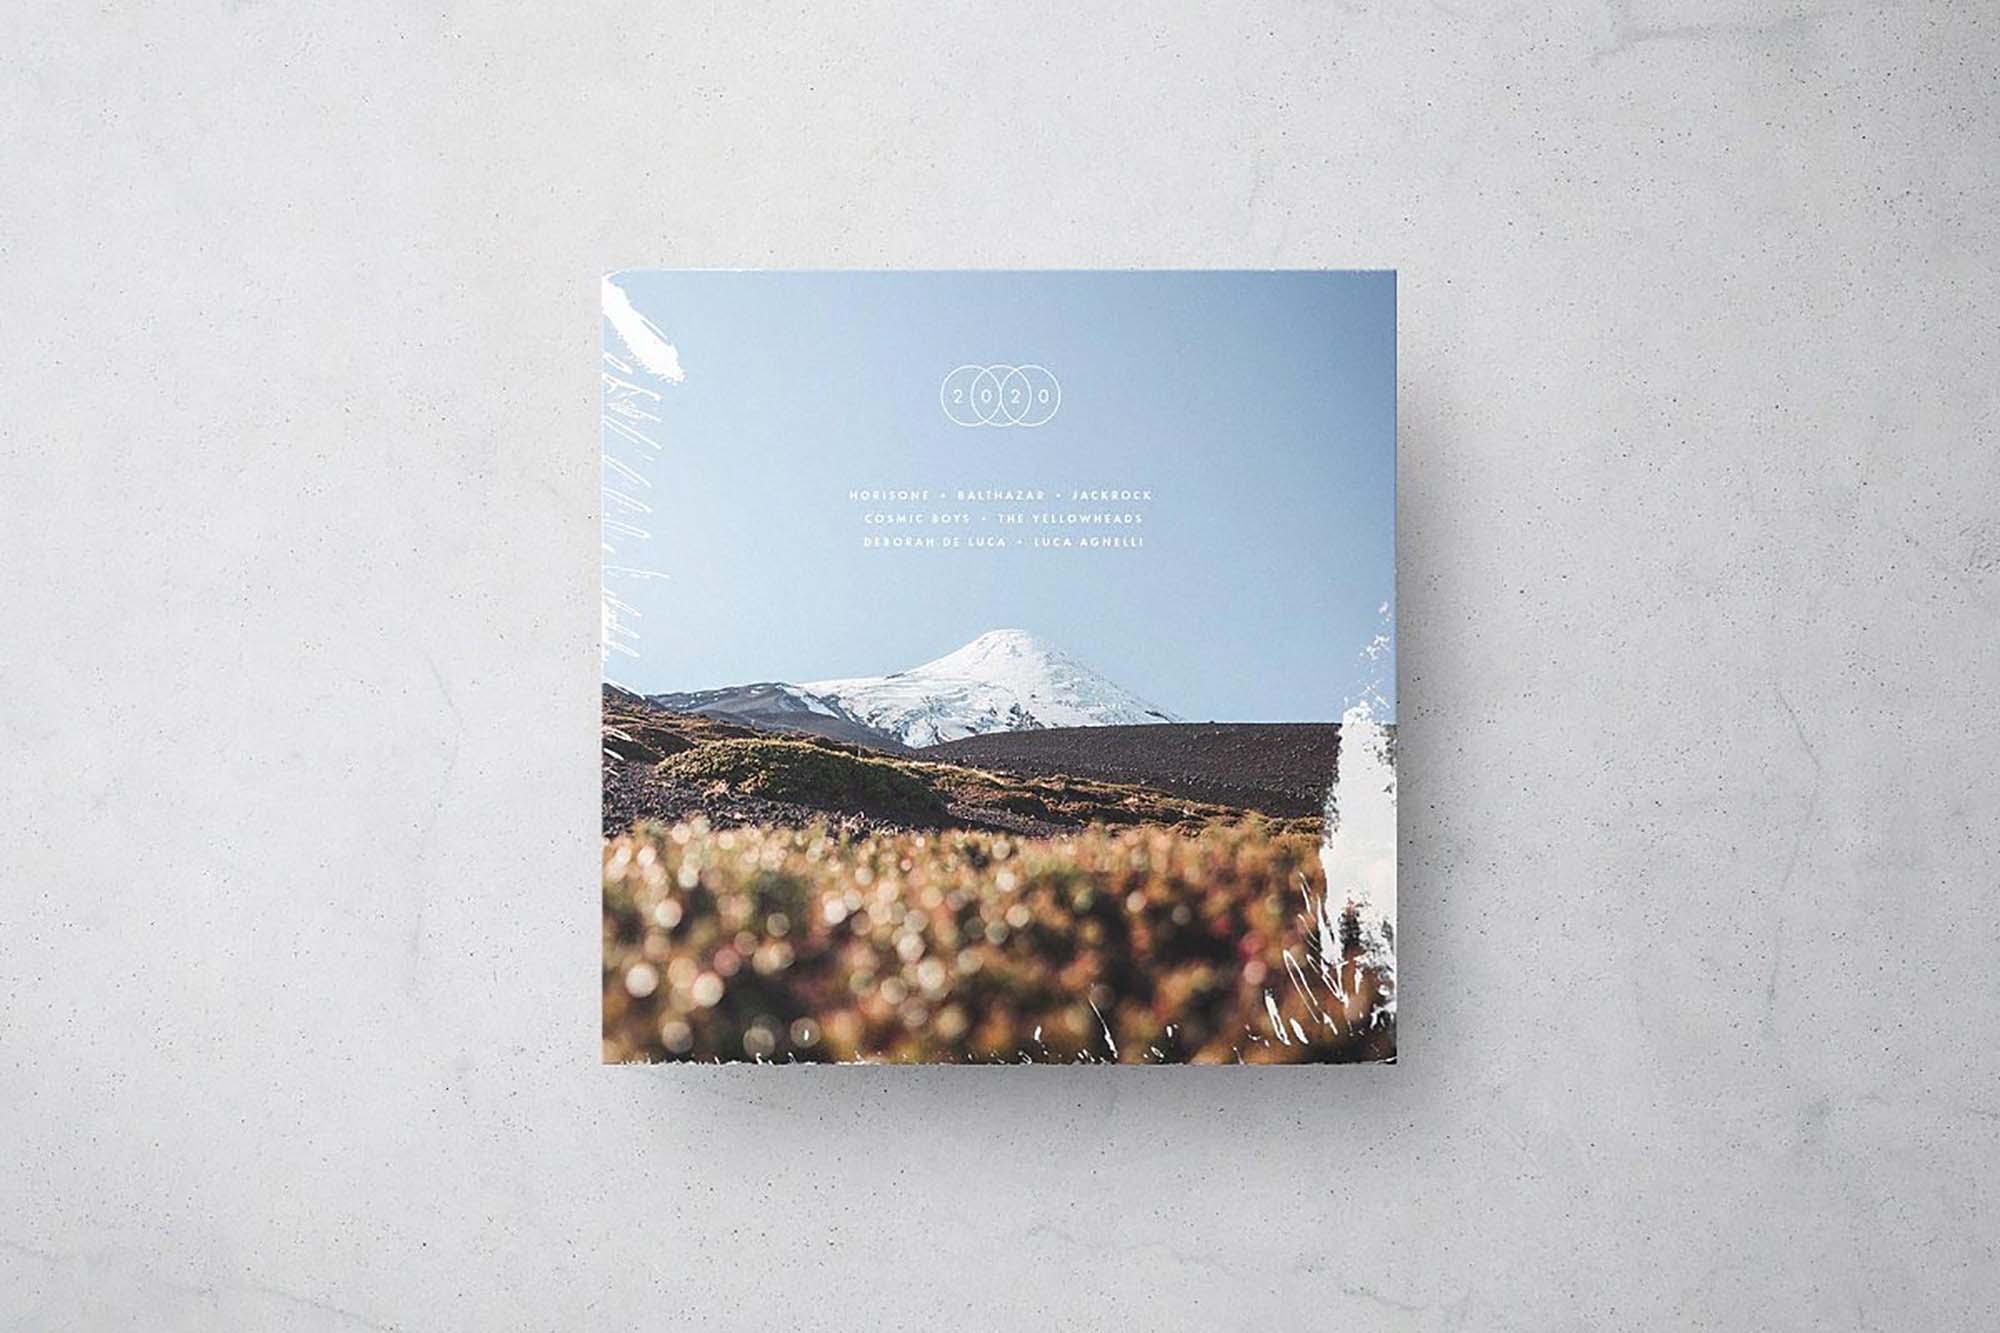 Vinyl Record Cover Mockup 5